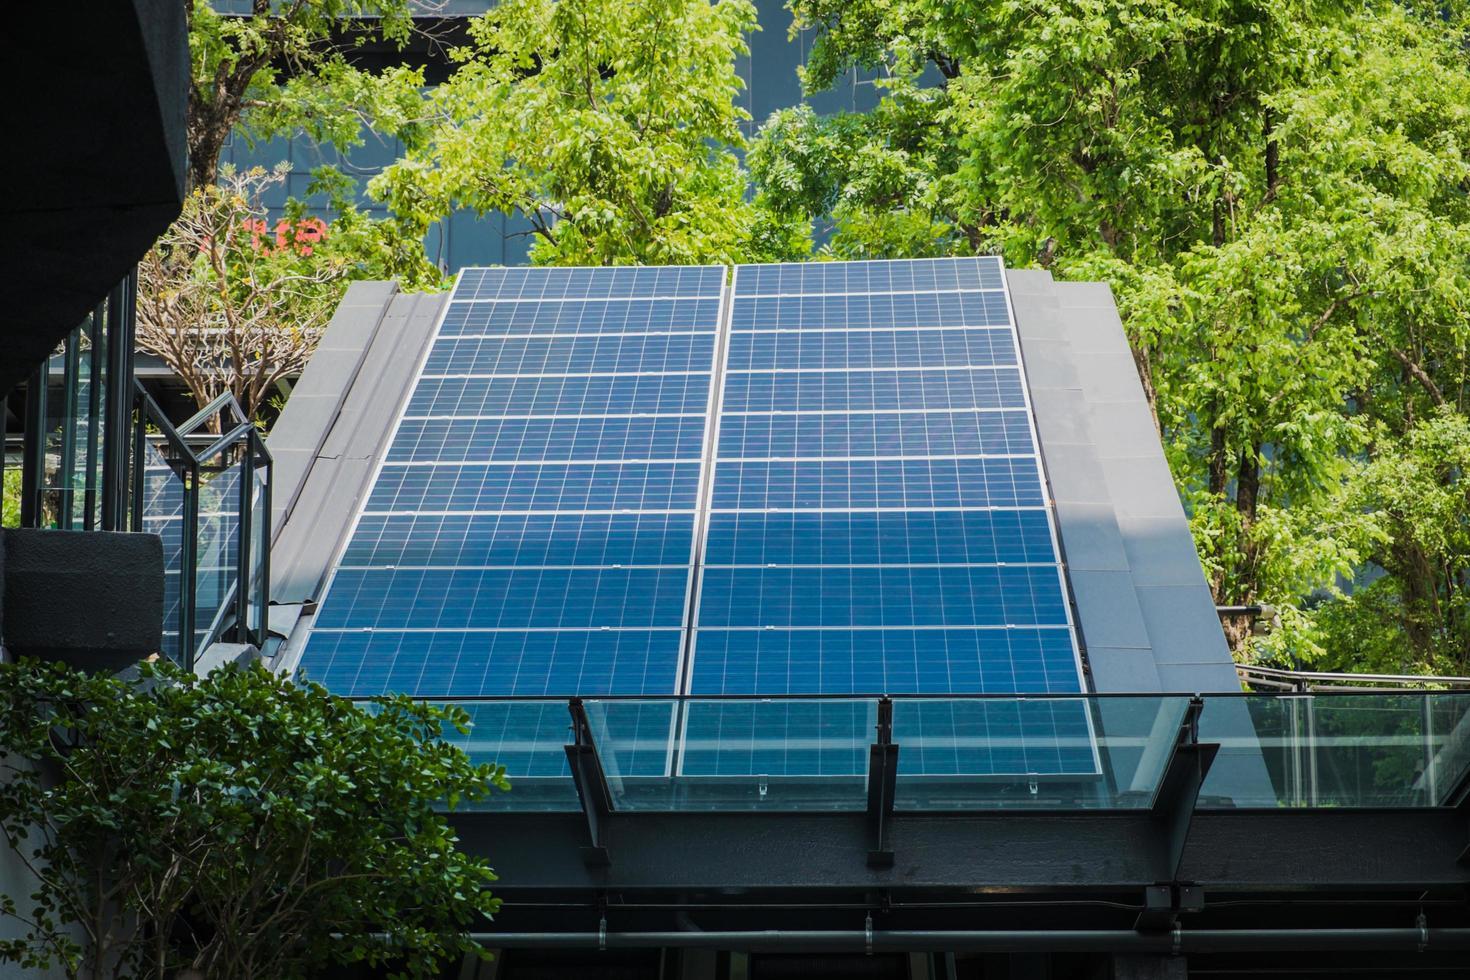 painéis de energia solar instalados no telhado moderno foto